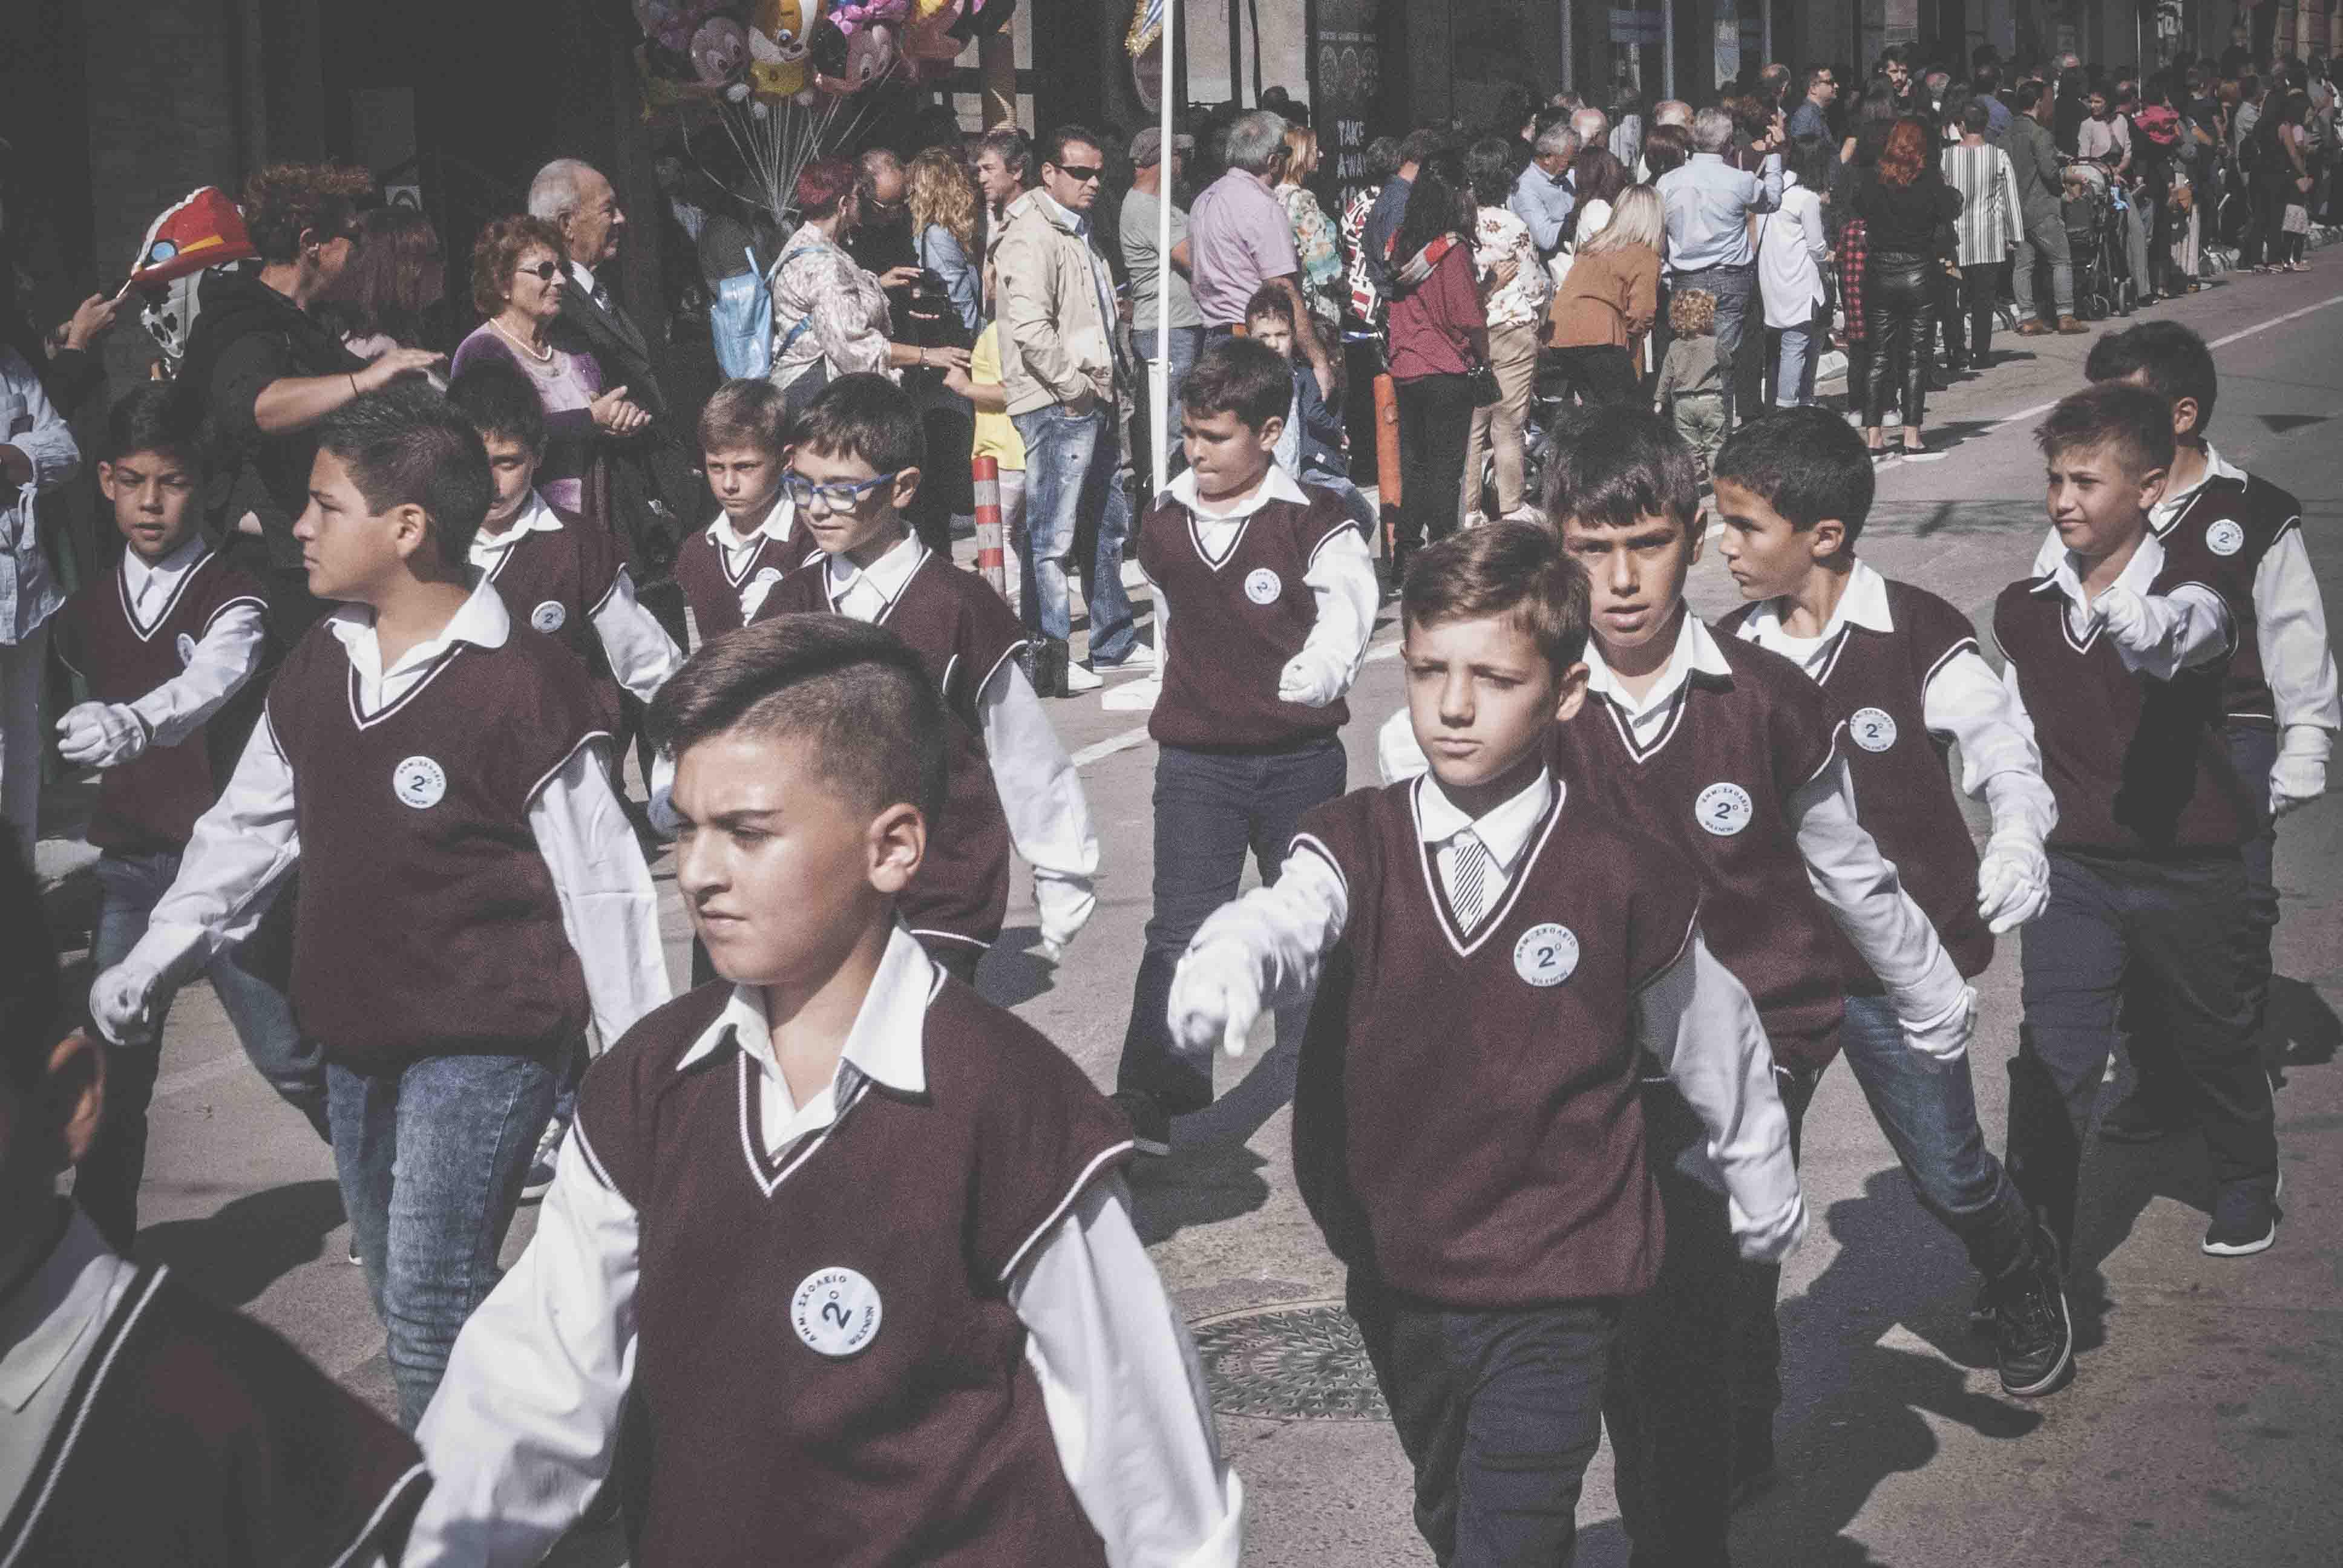 Φωτογραφικό υλικό από την παρέλαση στα Ψαχνά DSC 0377  Η παρέλαση της 28ης Οκτωβρίου σε Καστέλλα και Ψαχνά (φωτό) DSC 0377